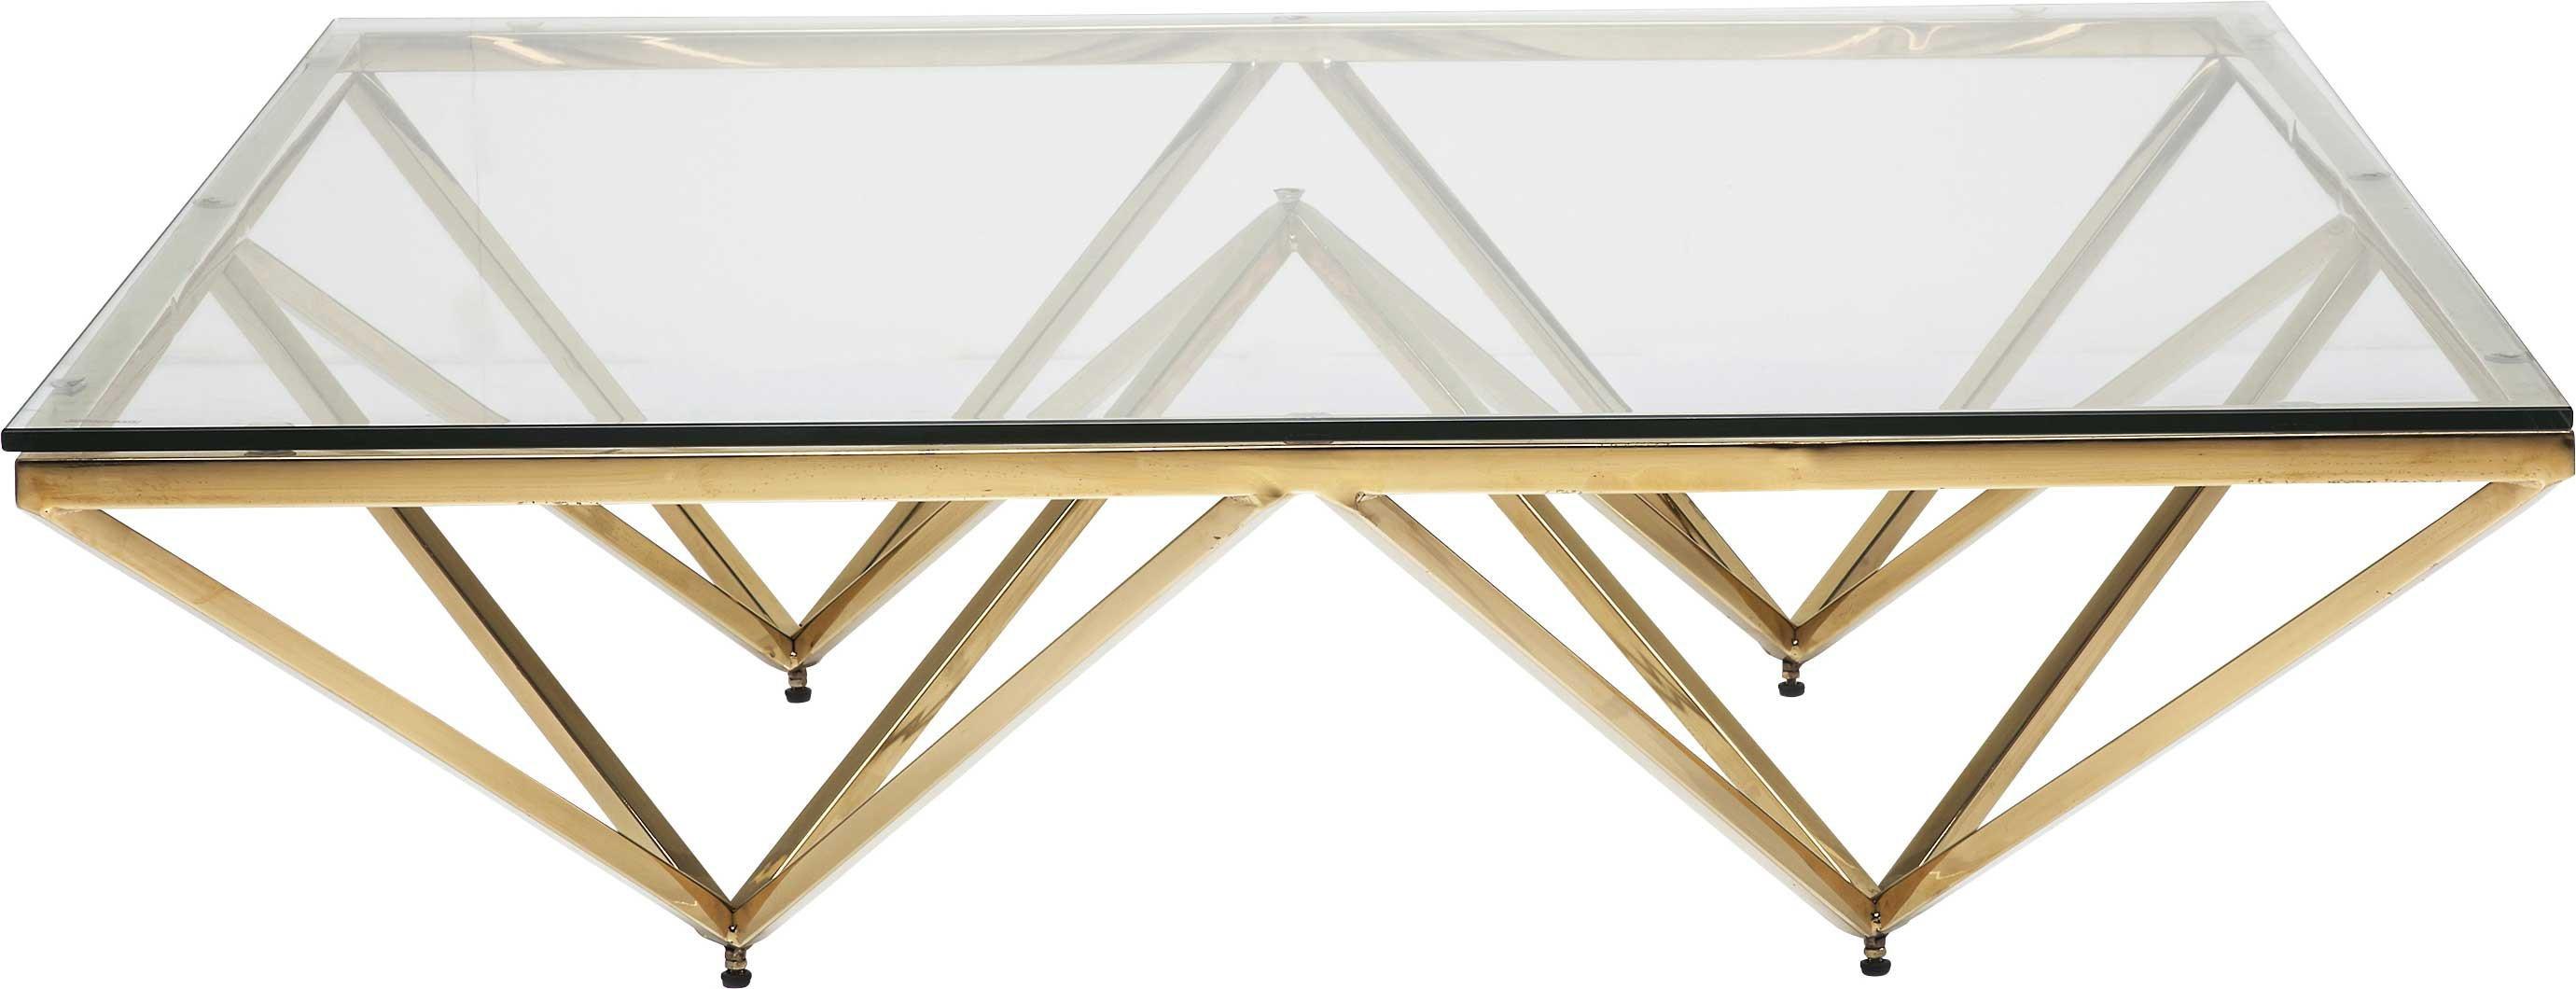 maison du monde Table basse carrée en acier doré et verre